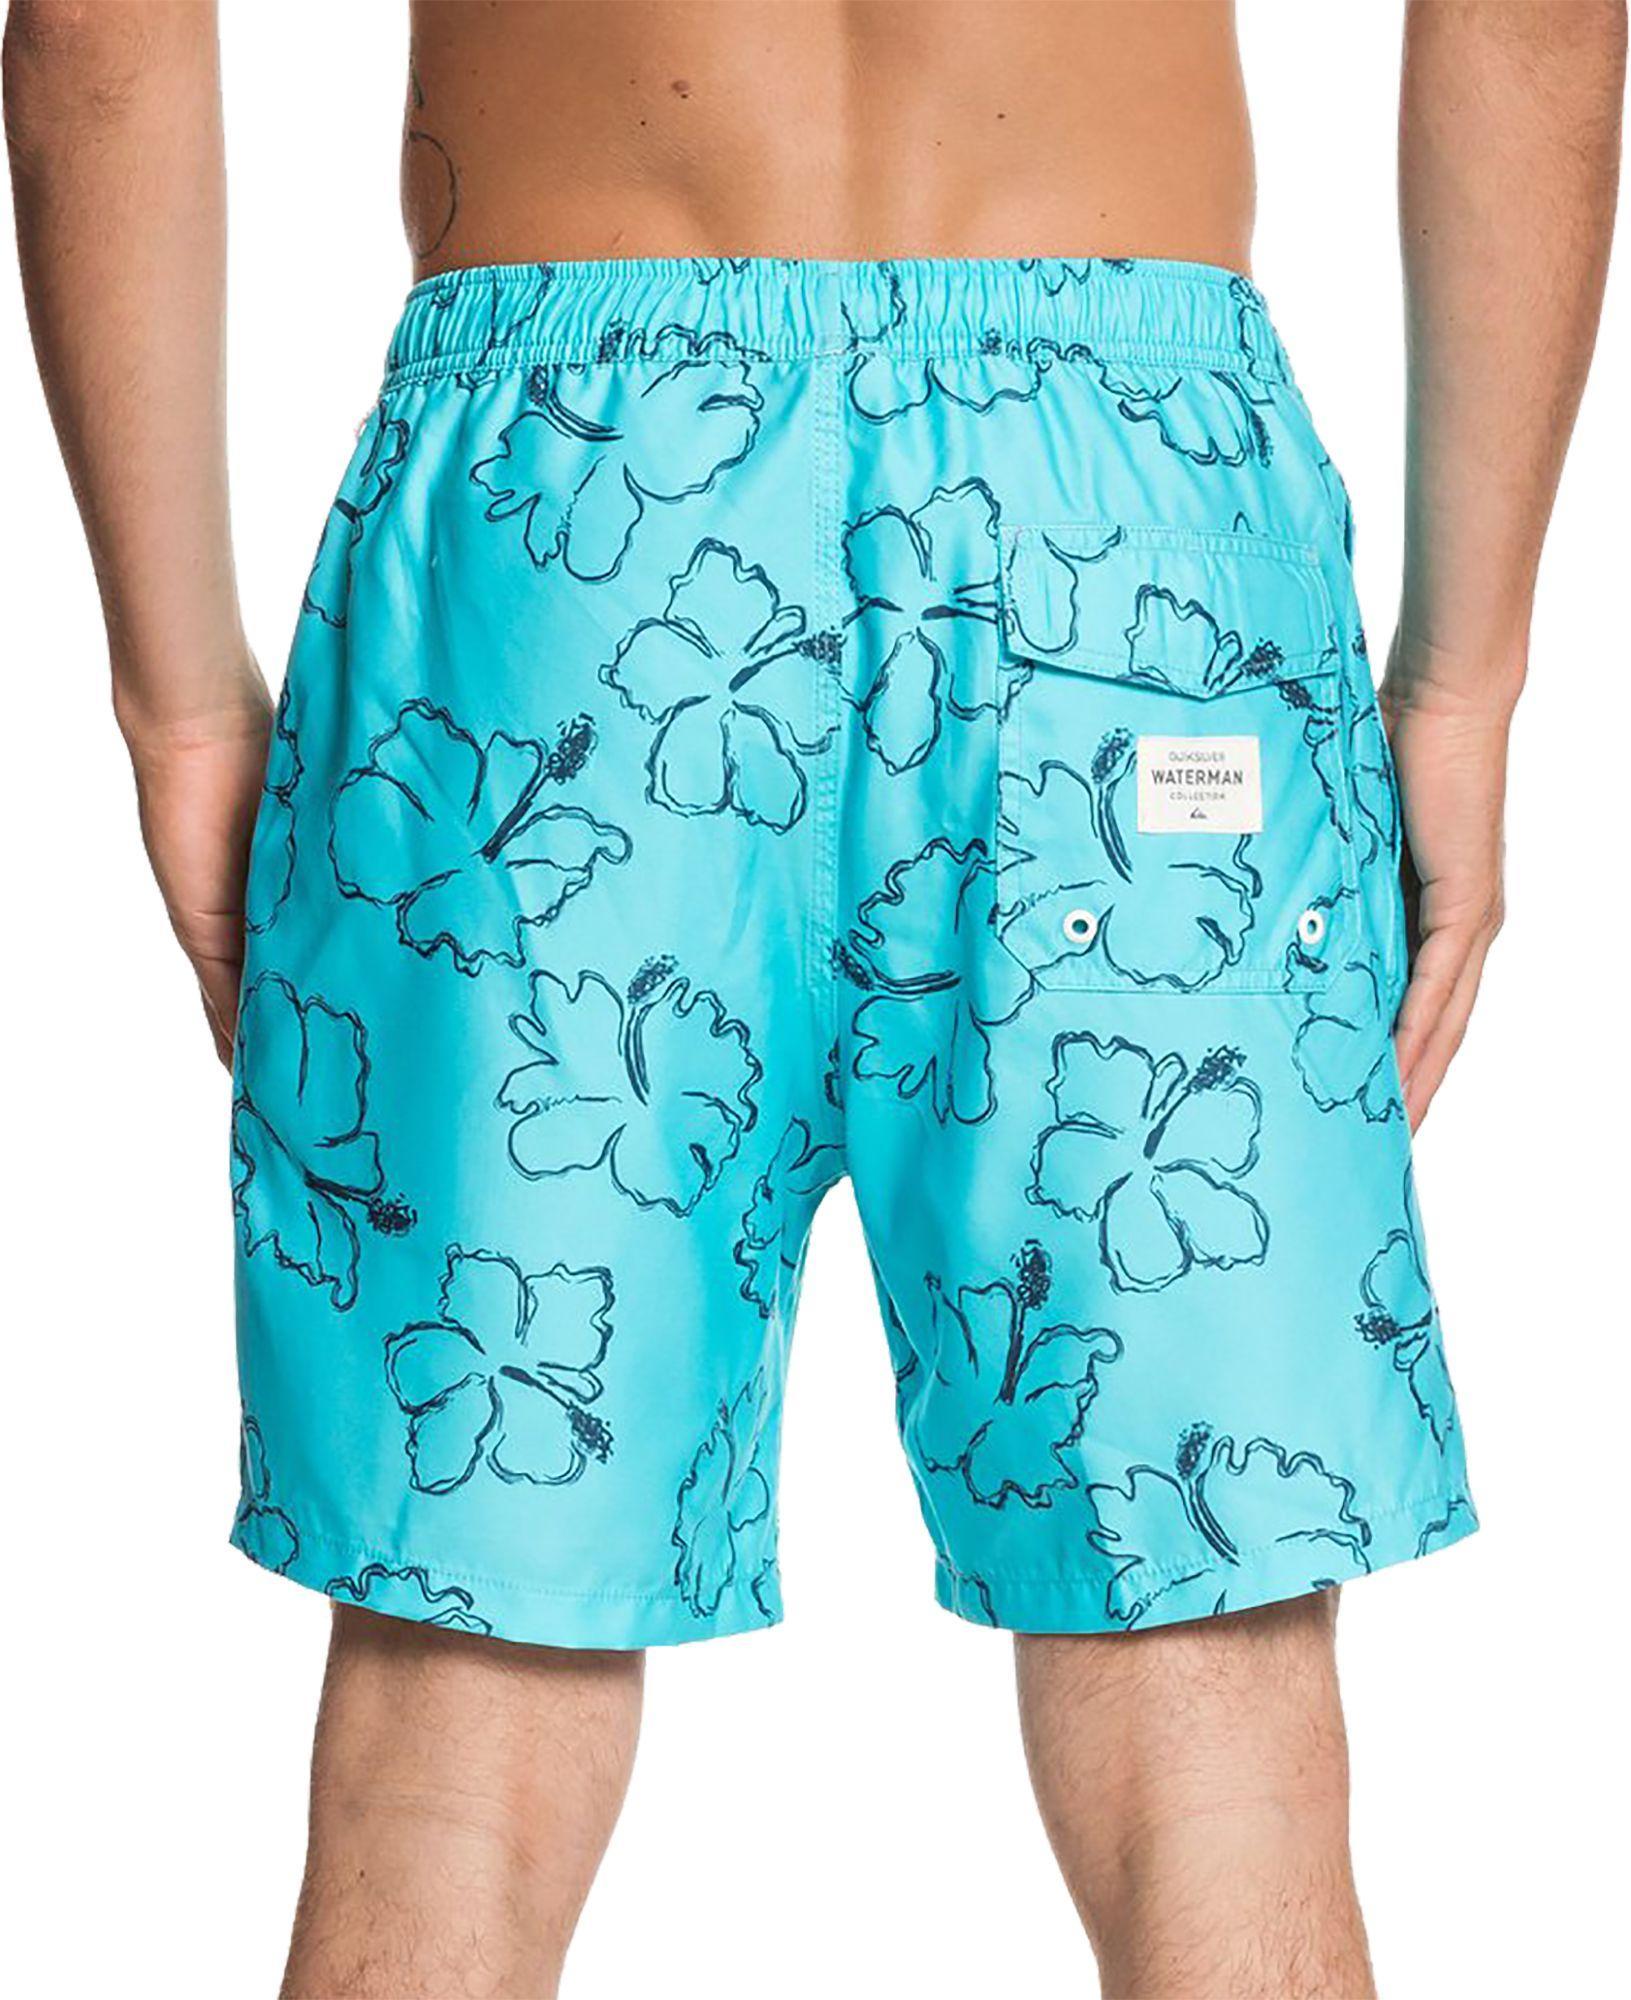 0ec7782d16 Lyst - Quiksilver Waterman Seasick Hilo Volley Board Shorts in Blue for Men